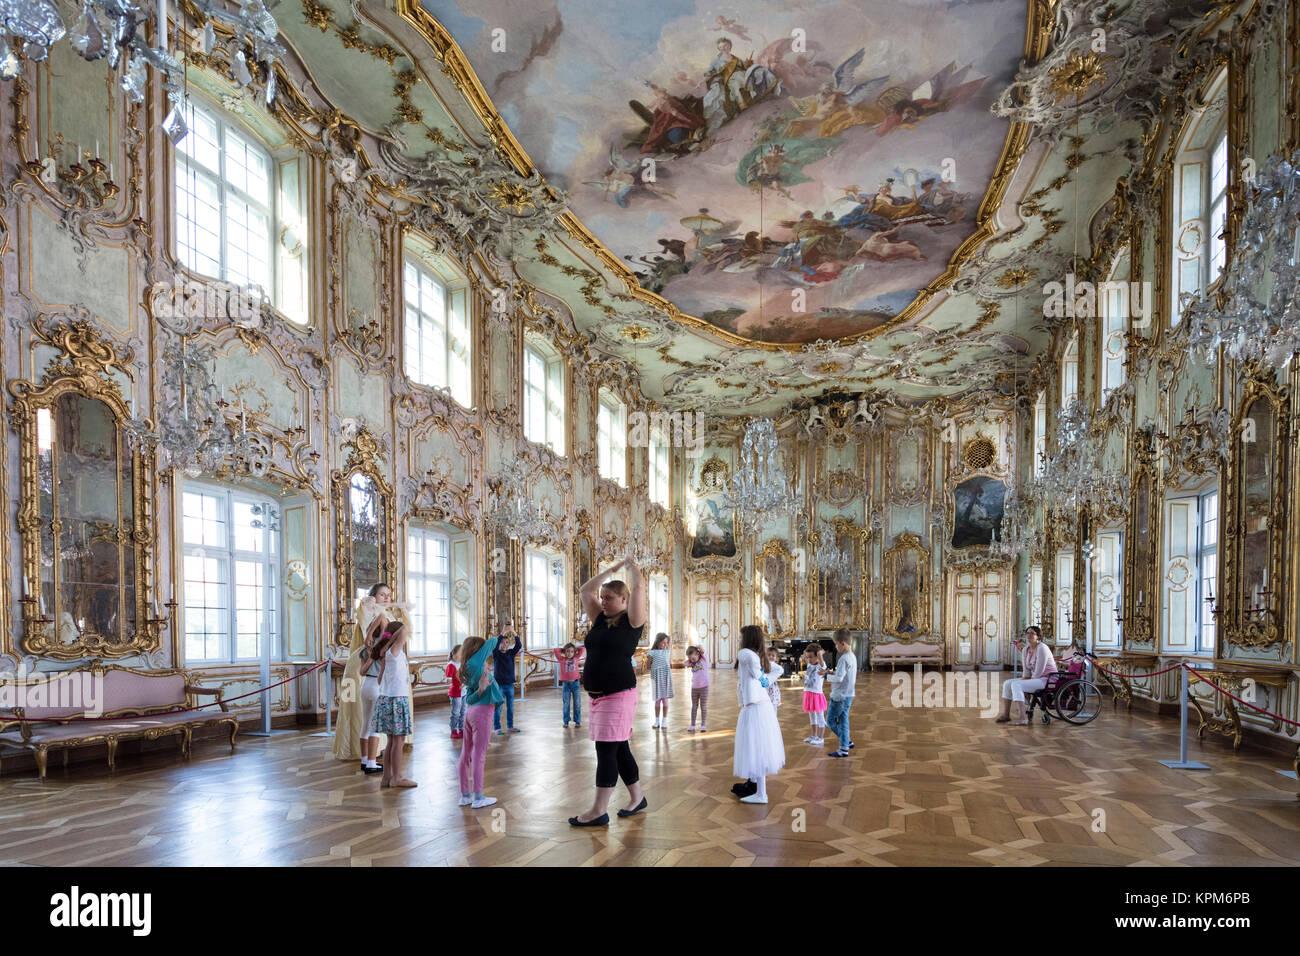 Kinder Tanz Klasse in der rococco Ballroom (1770) des Schaezlerpalais Barockschloss, Augsburg, Bayern, Deutschland Stockbild